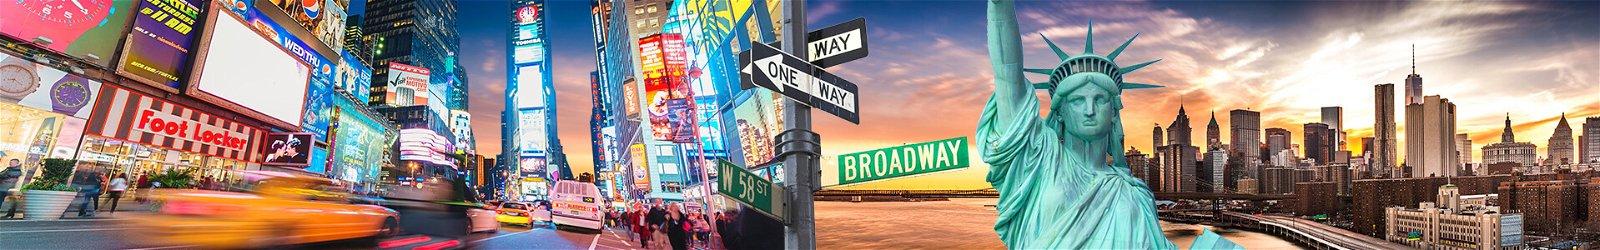 Viajes y paquetes a Nueva York con salidas en Febrero desde México 2020